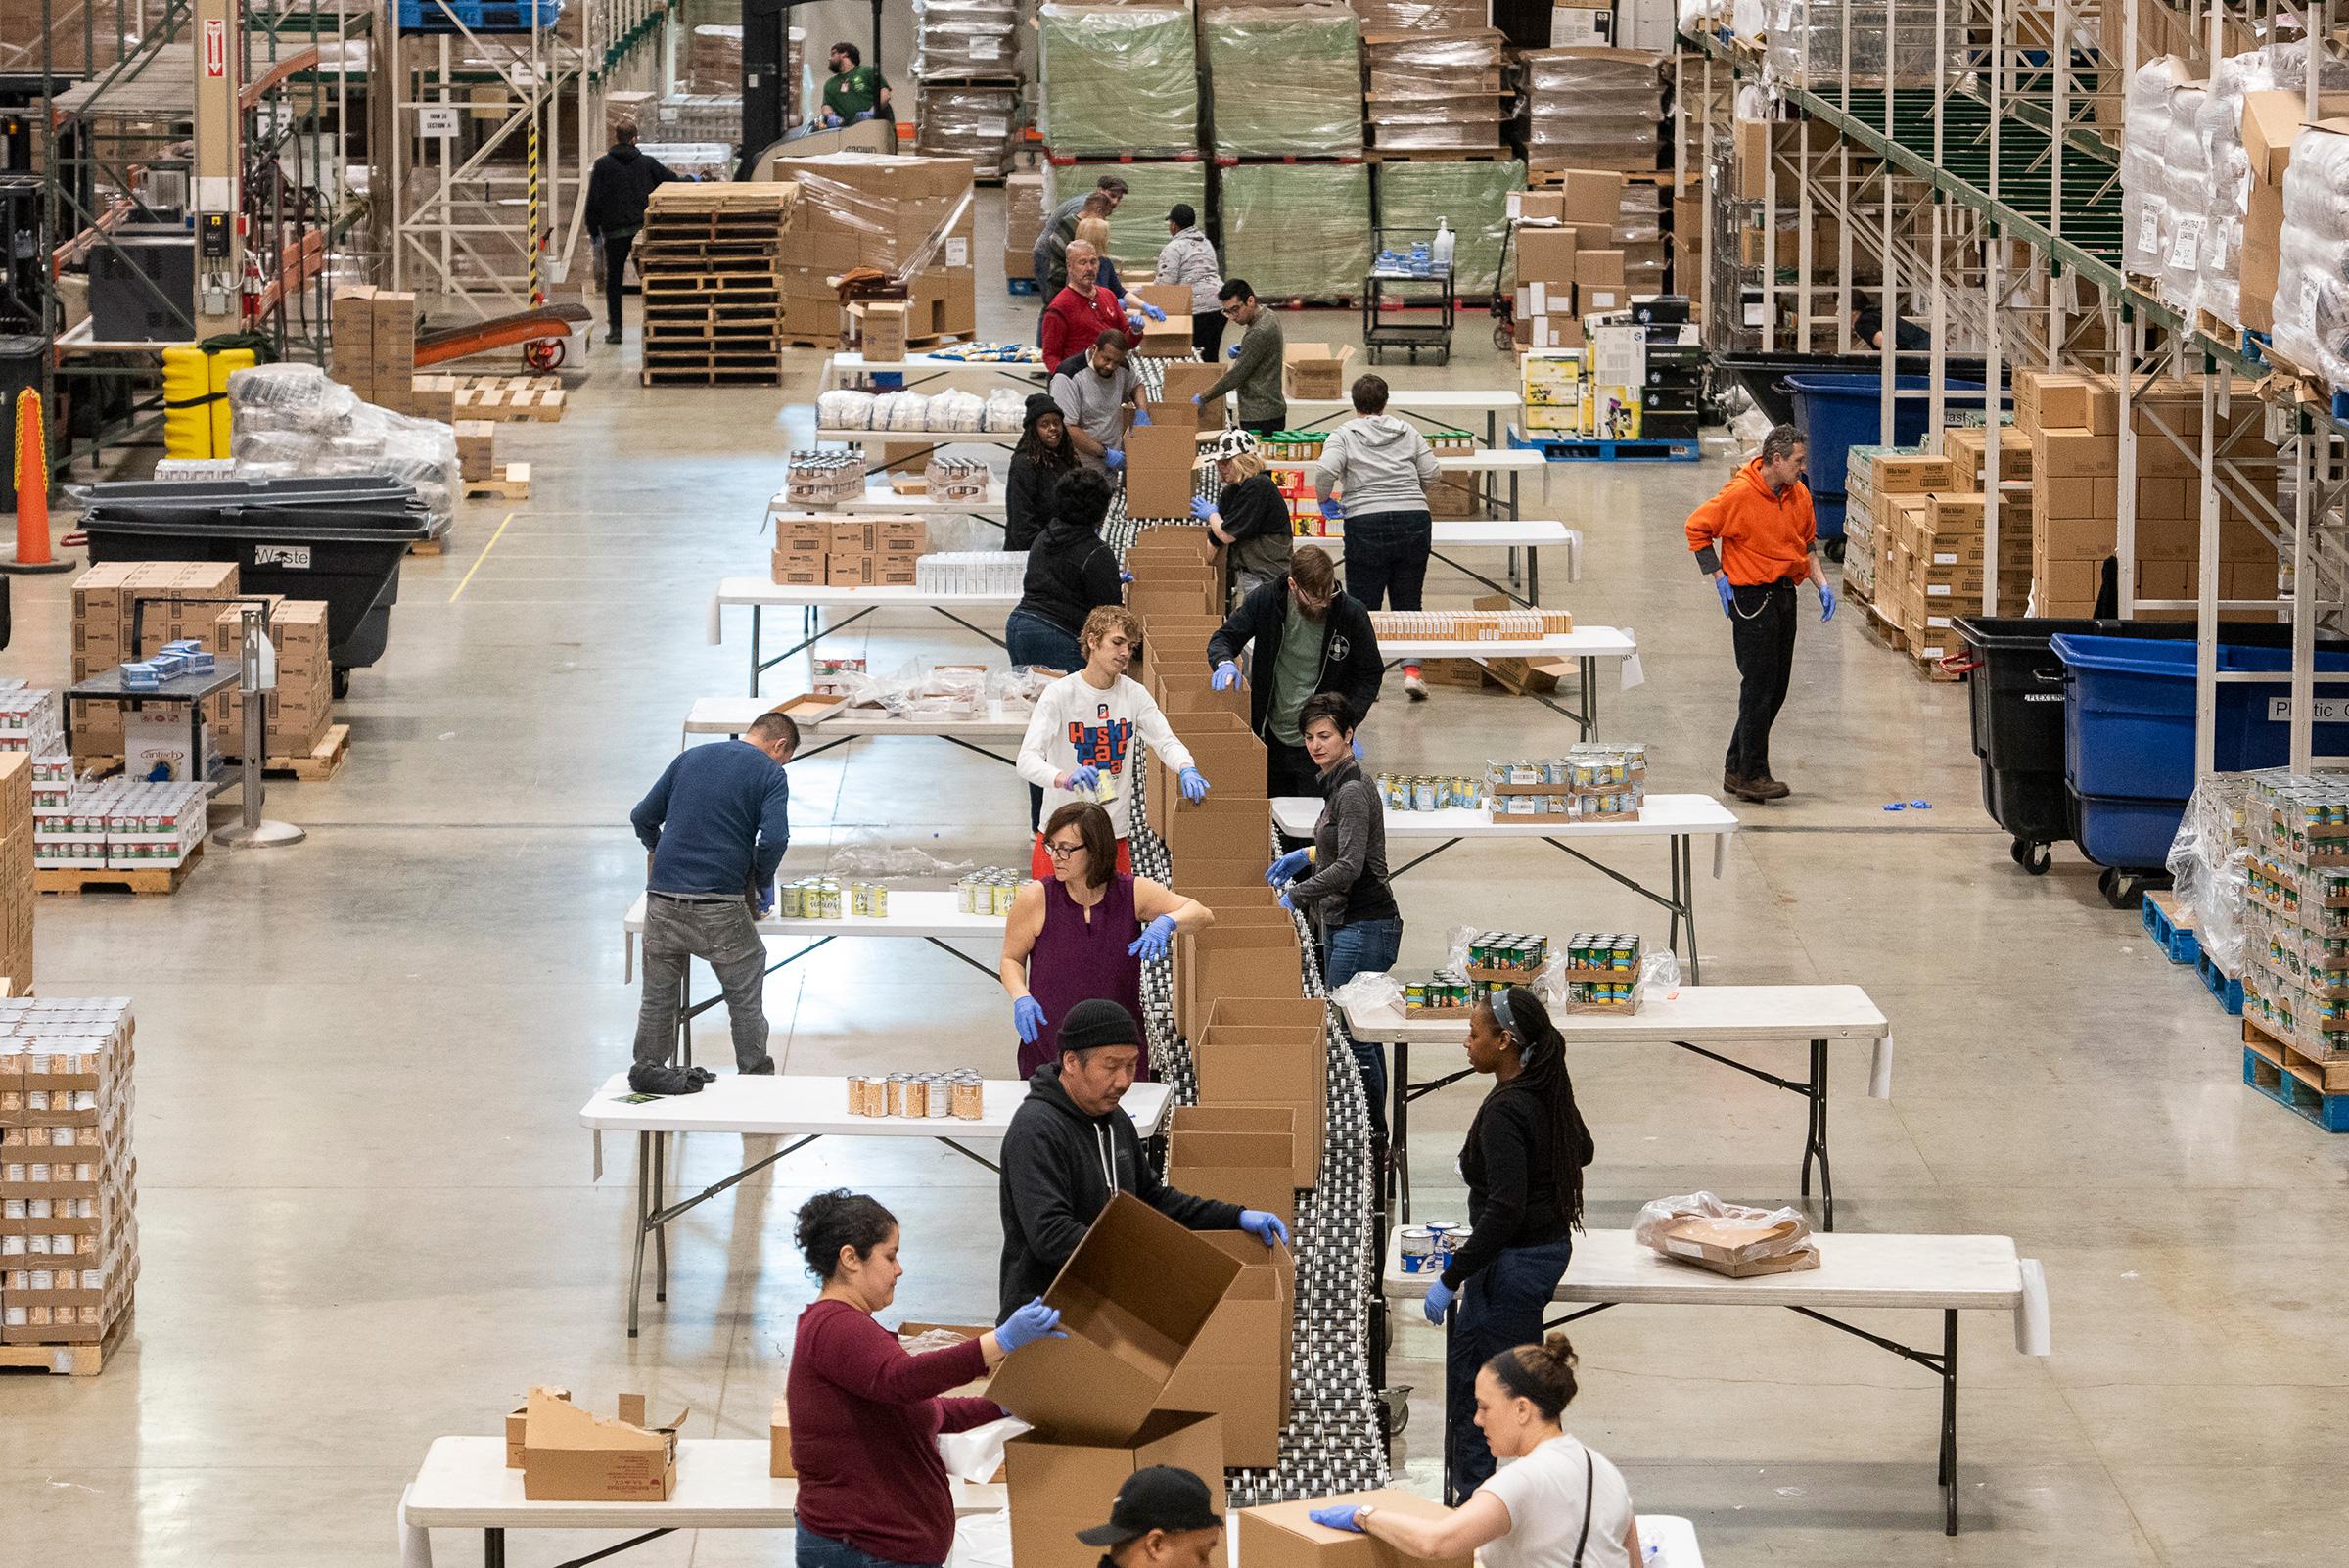 Volunteers help break down and repackage food at the Greater Chicago Food Depository on Mar. 24